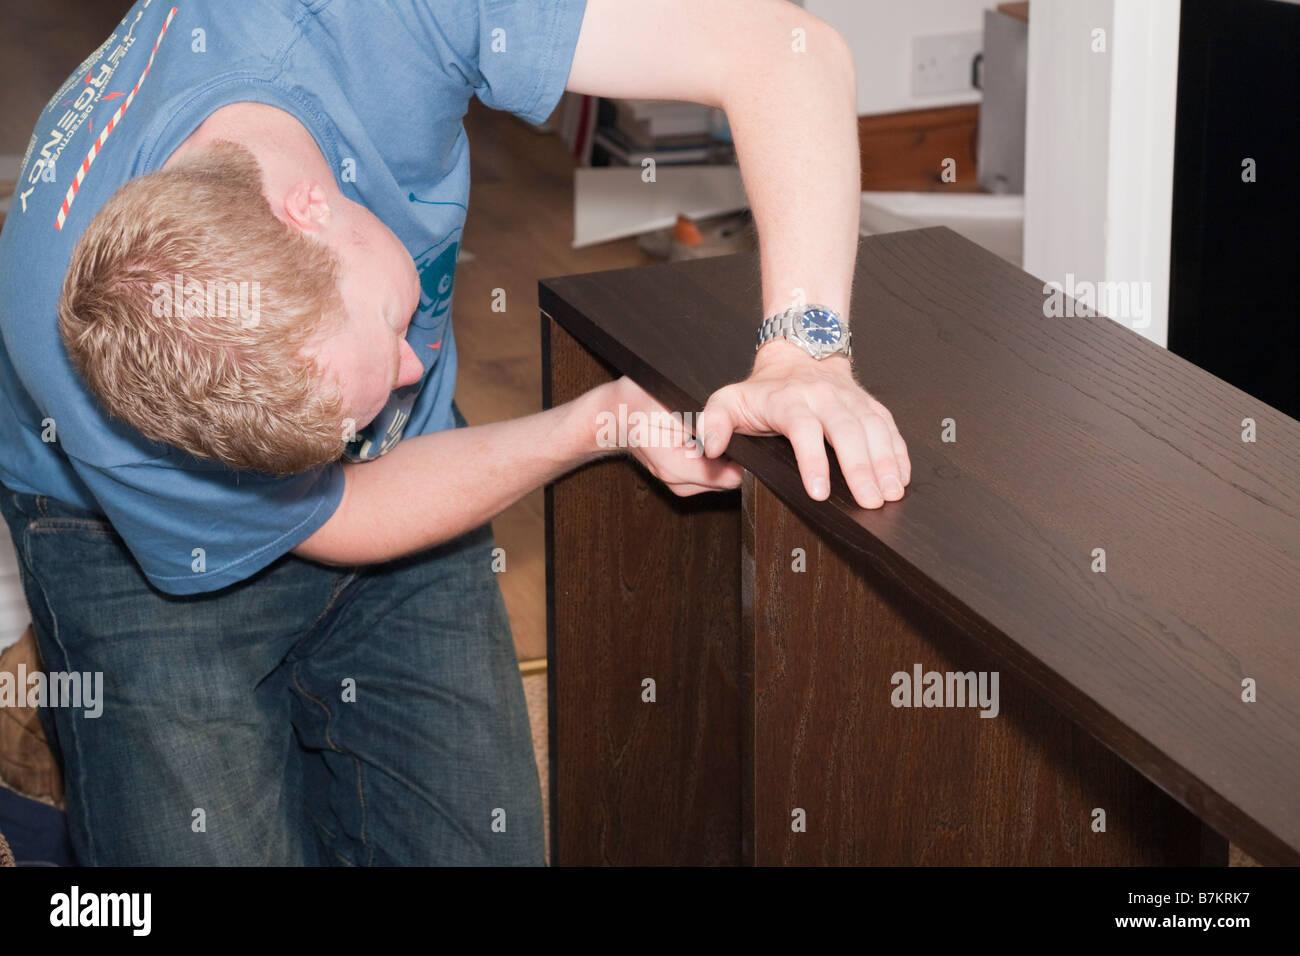 Tausendjährige junger Mann Montage einen Flachbild-pack Holzregal zu Hause. England Großbritannien Großbritannien Stockbild